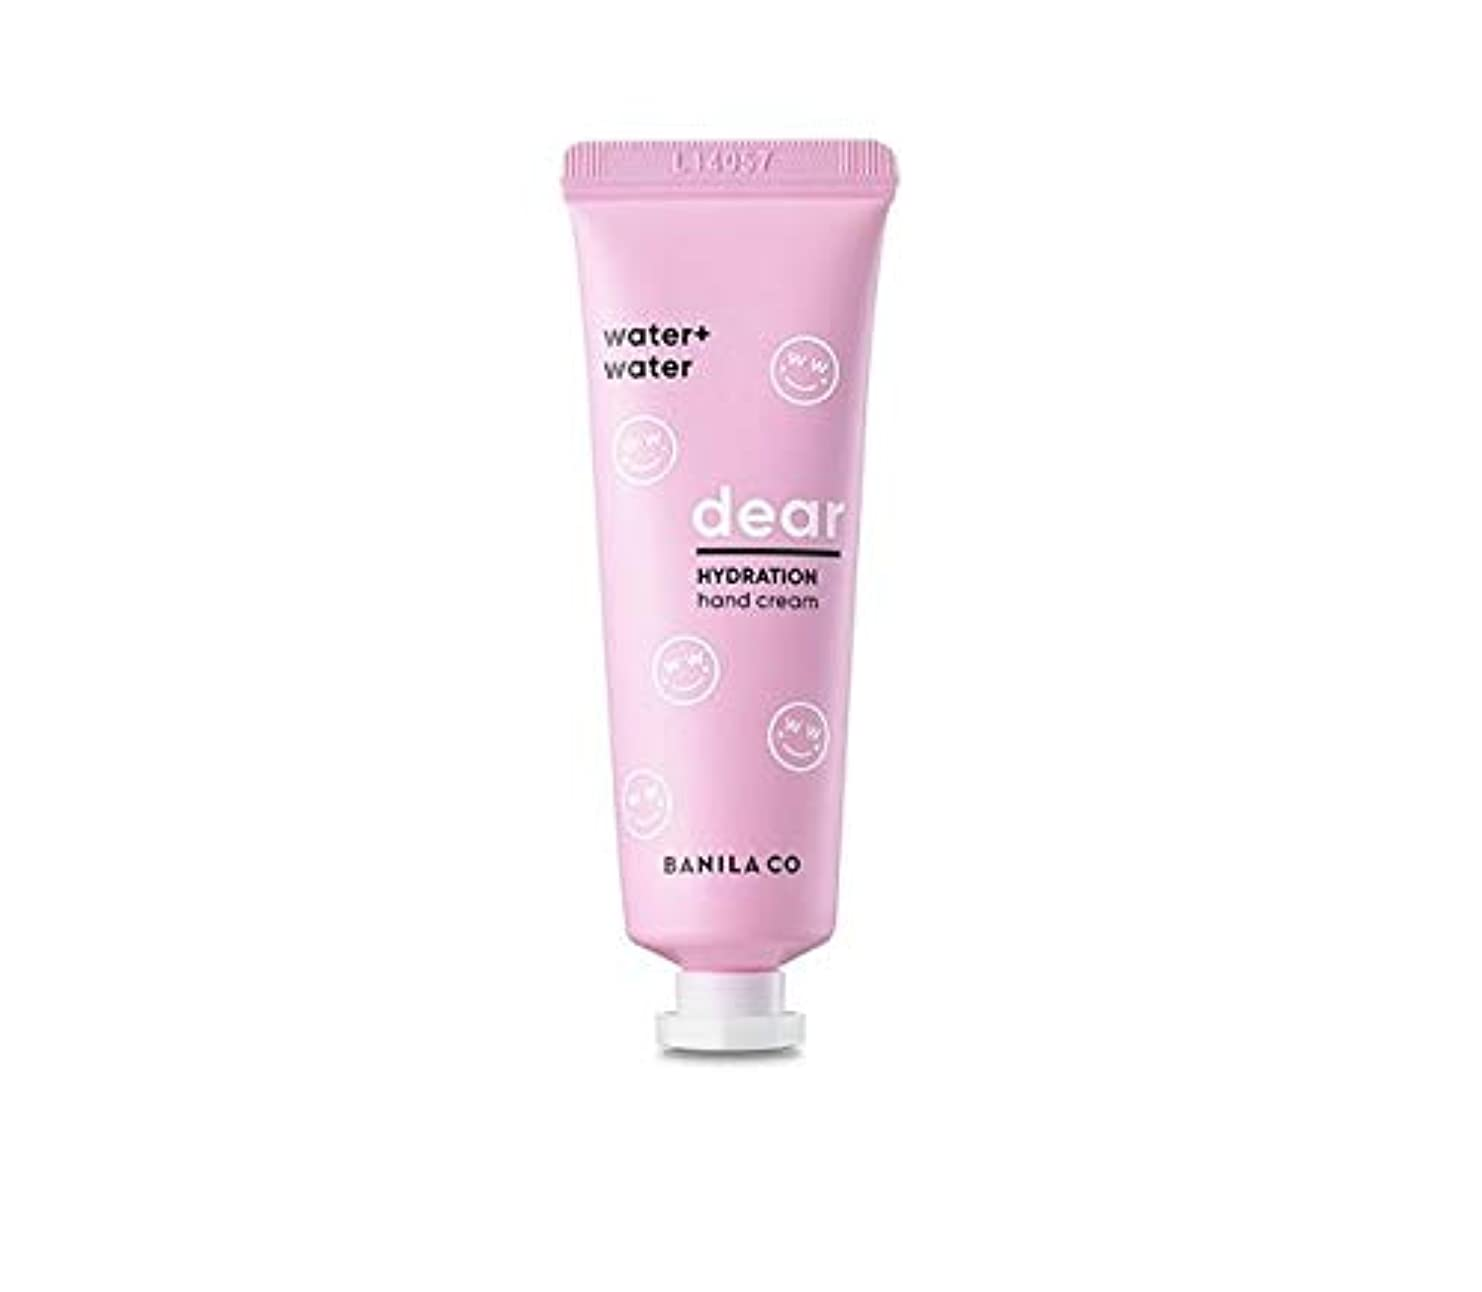 柔らかいワゴン楽観的banilaco ディアハイドレーションハンドクリームミニ/Dear Hydration Hand Cream Mini 20ml Dear Hydration Hand Cream Mini 20ml [並行輸入品]